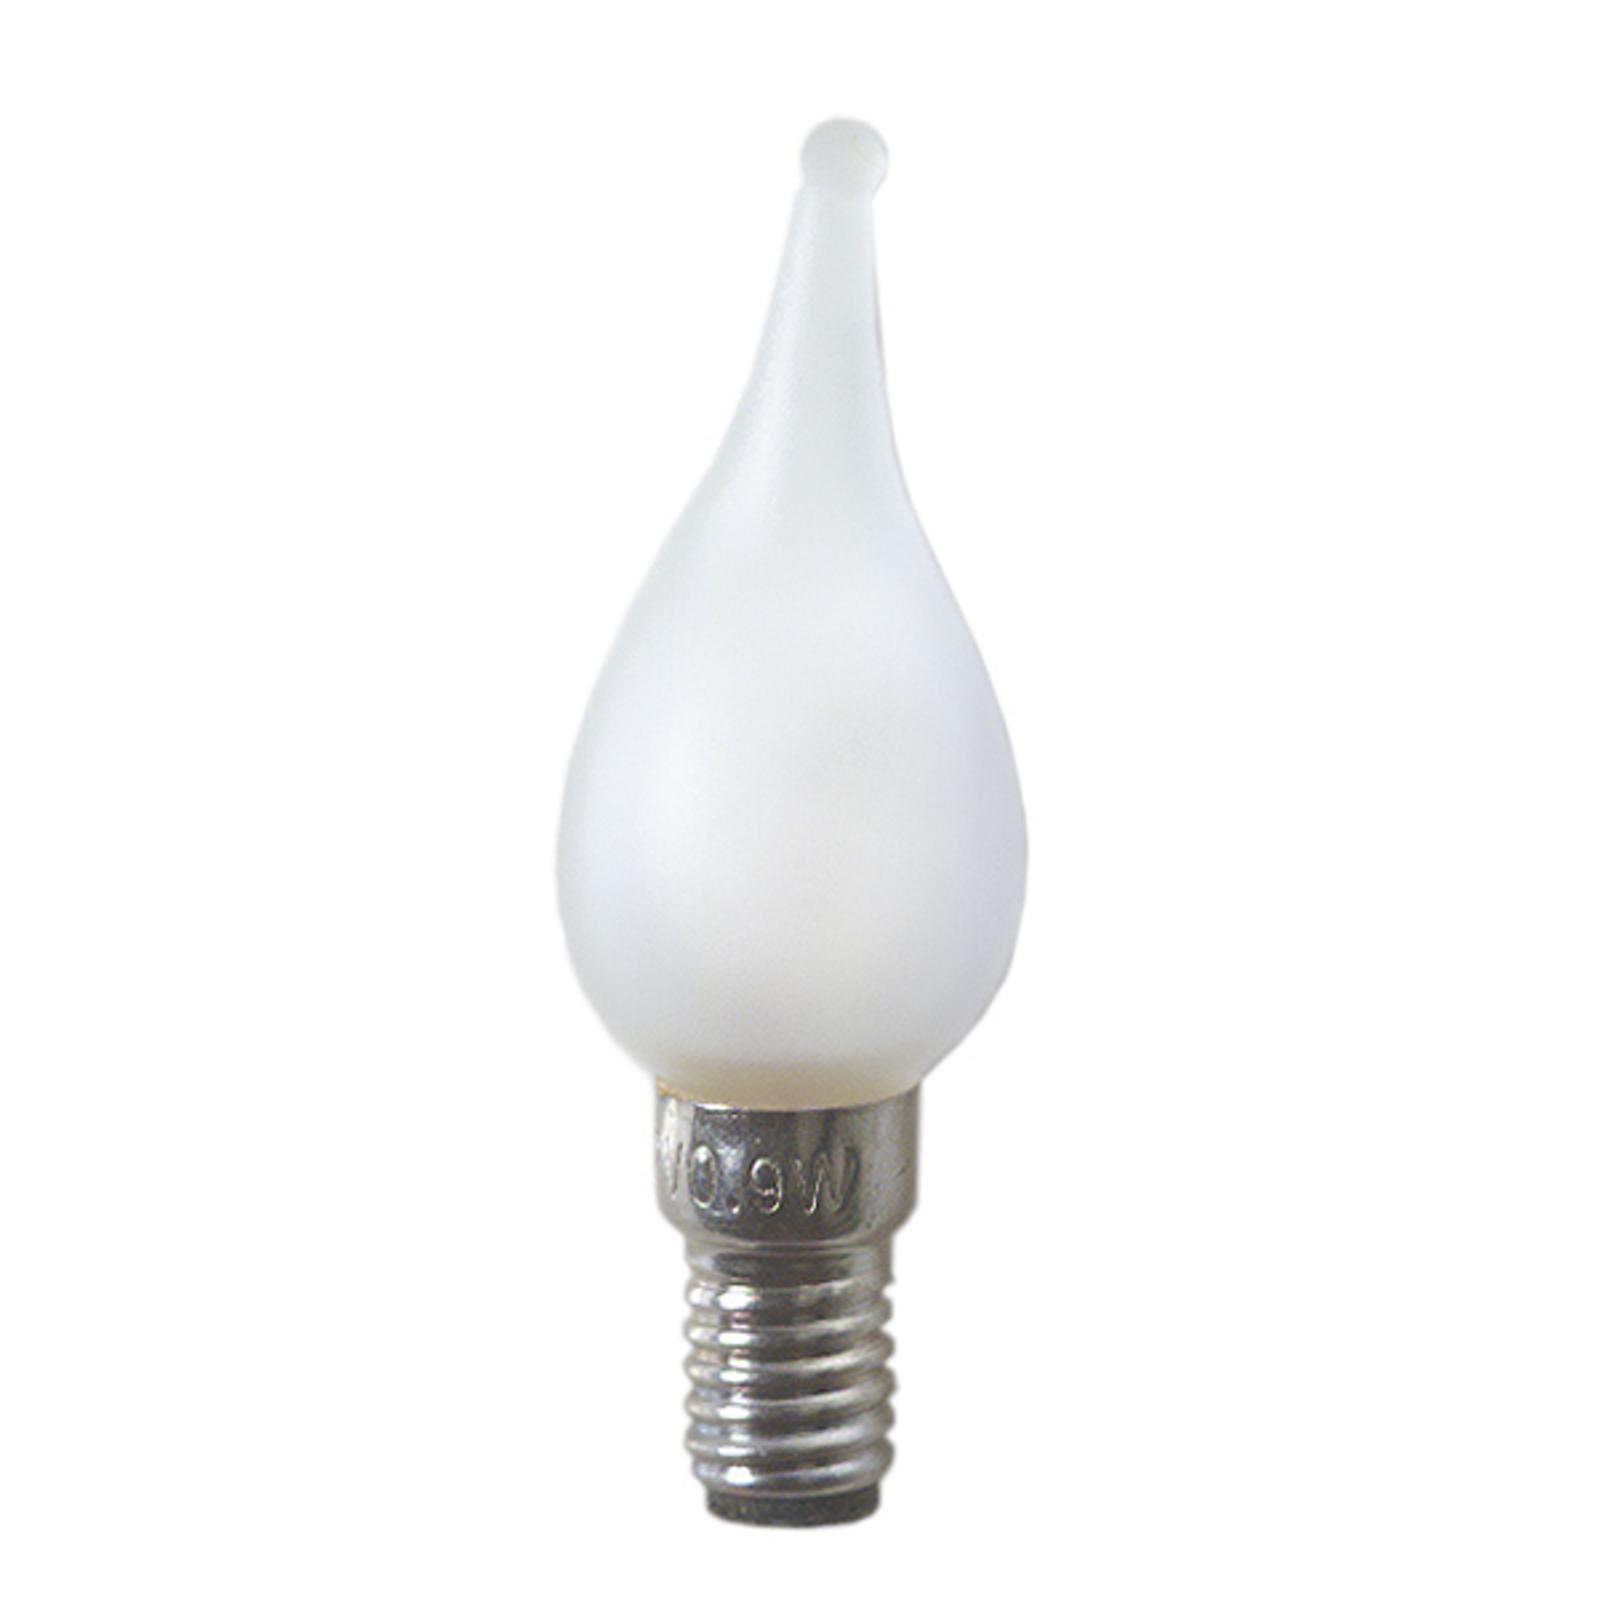 E6 0,9 W 12V reservepære LV vinduslamper 3er